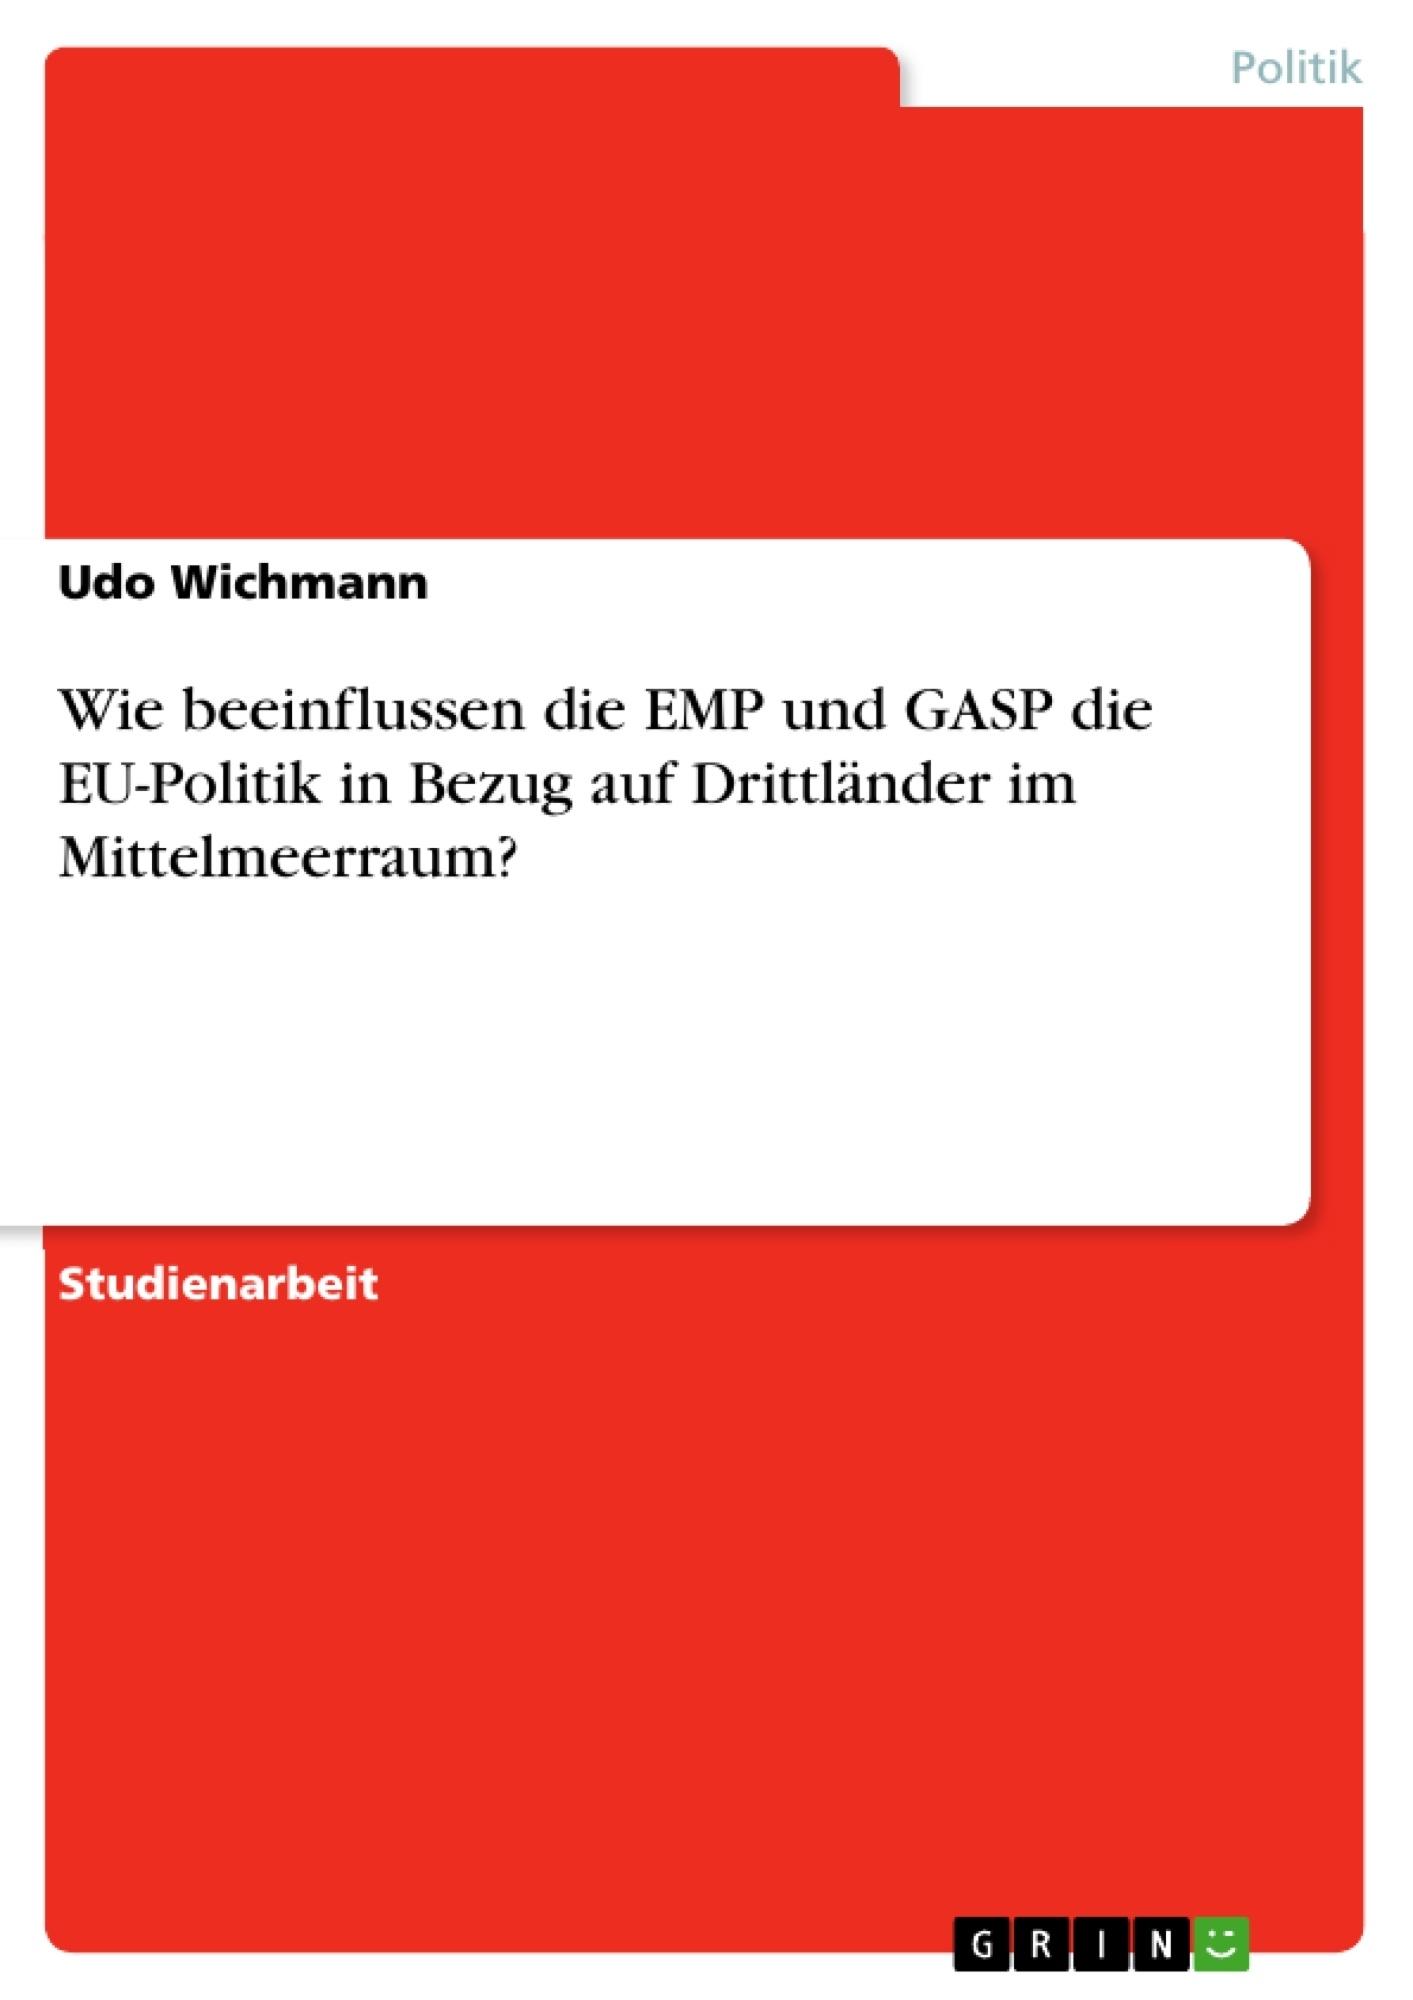 Titel: Wie beeinflussen die EMP und GASP die EU-Politik in Bezug auf Drittländer im Mittelmeerraum?